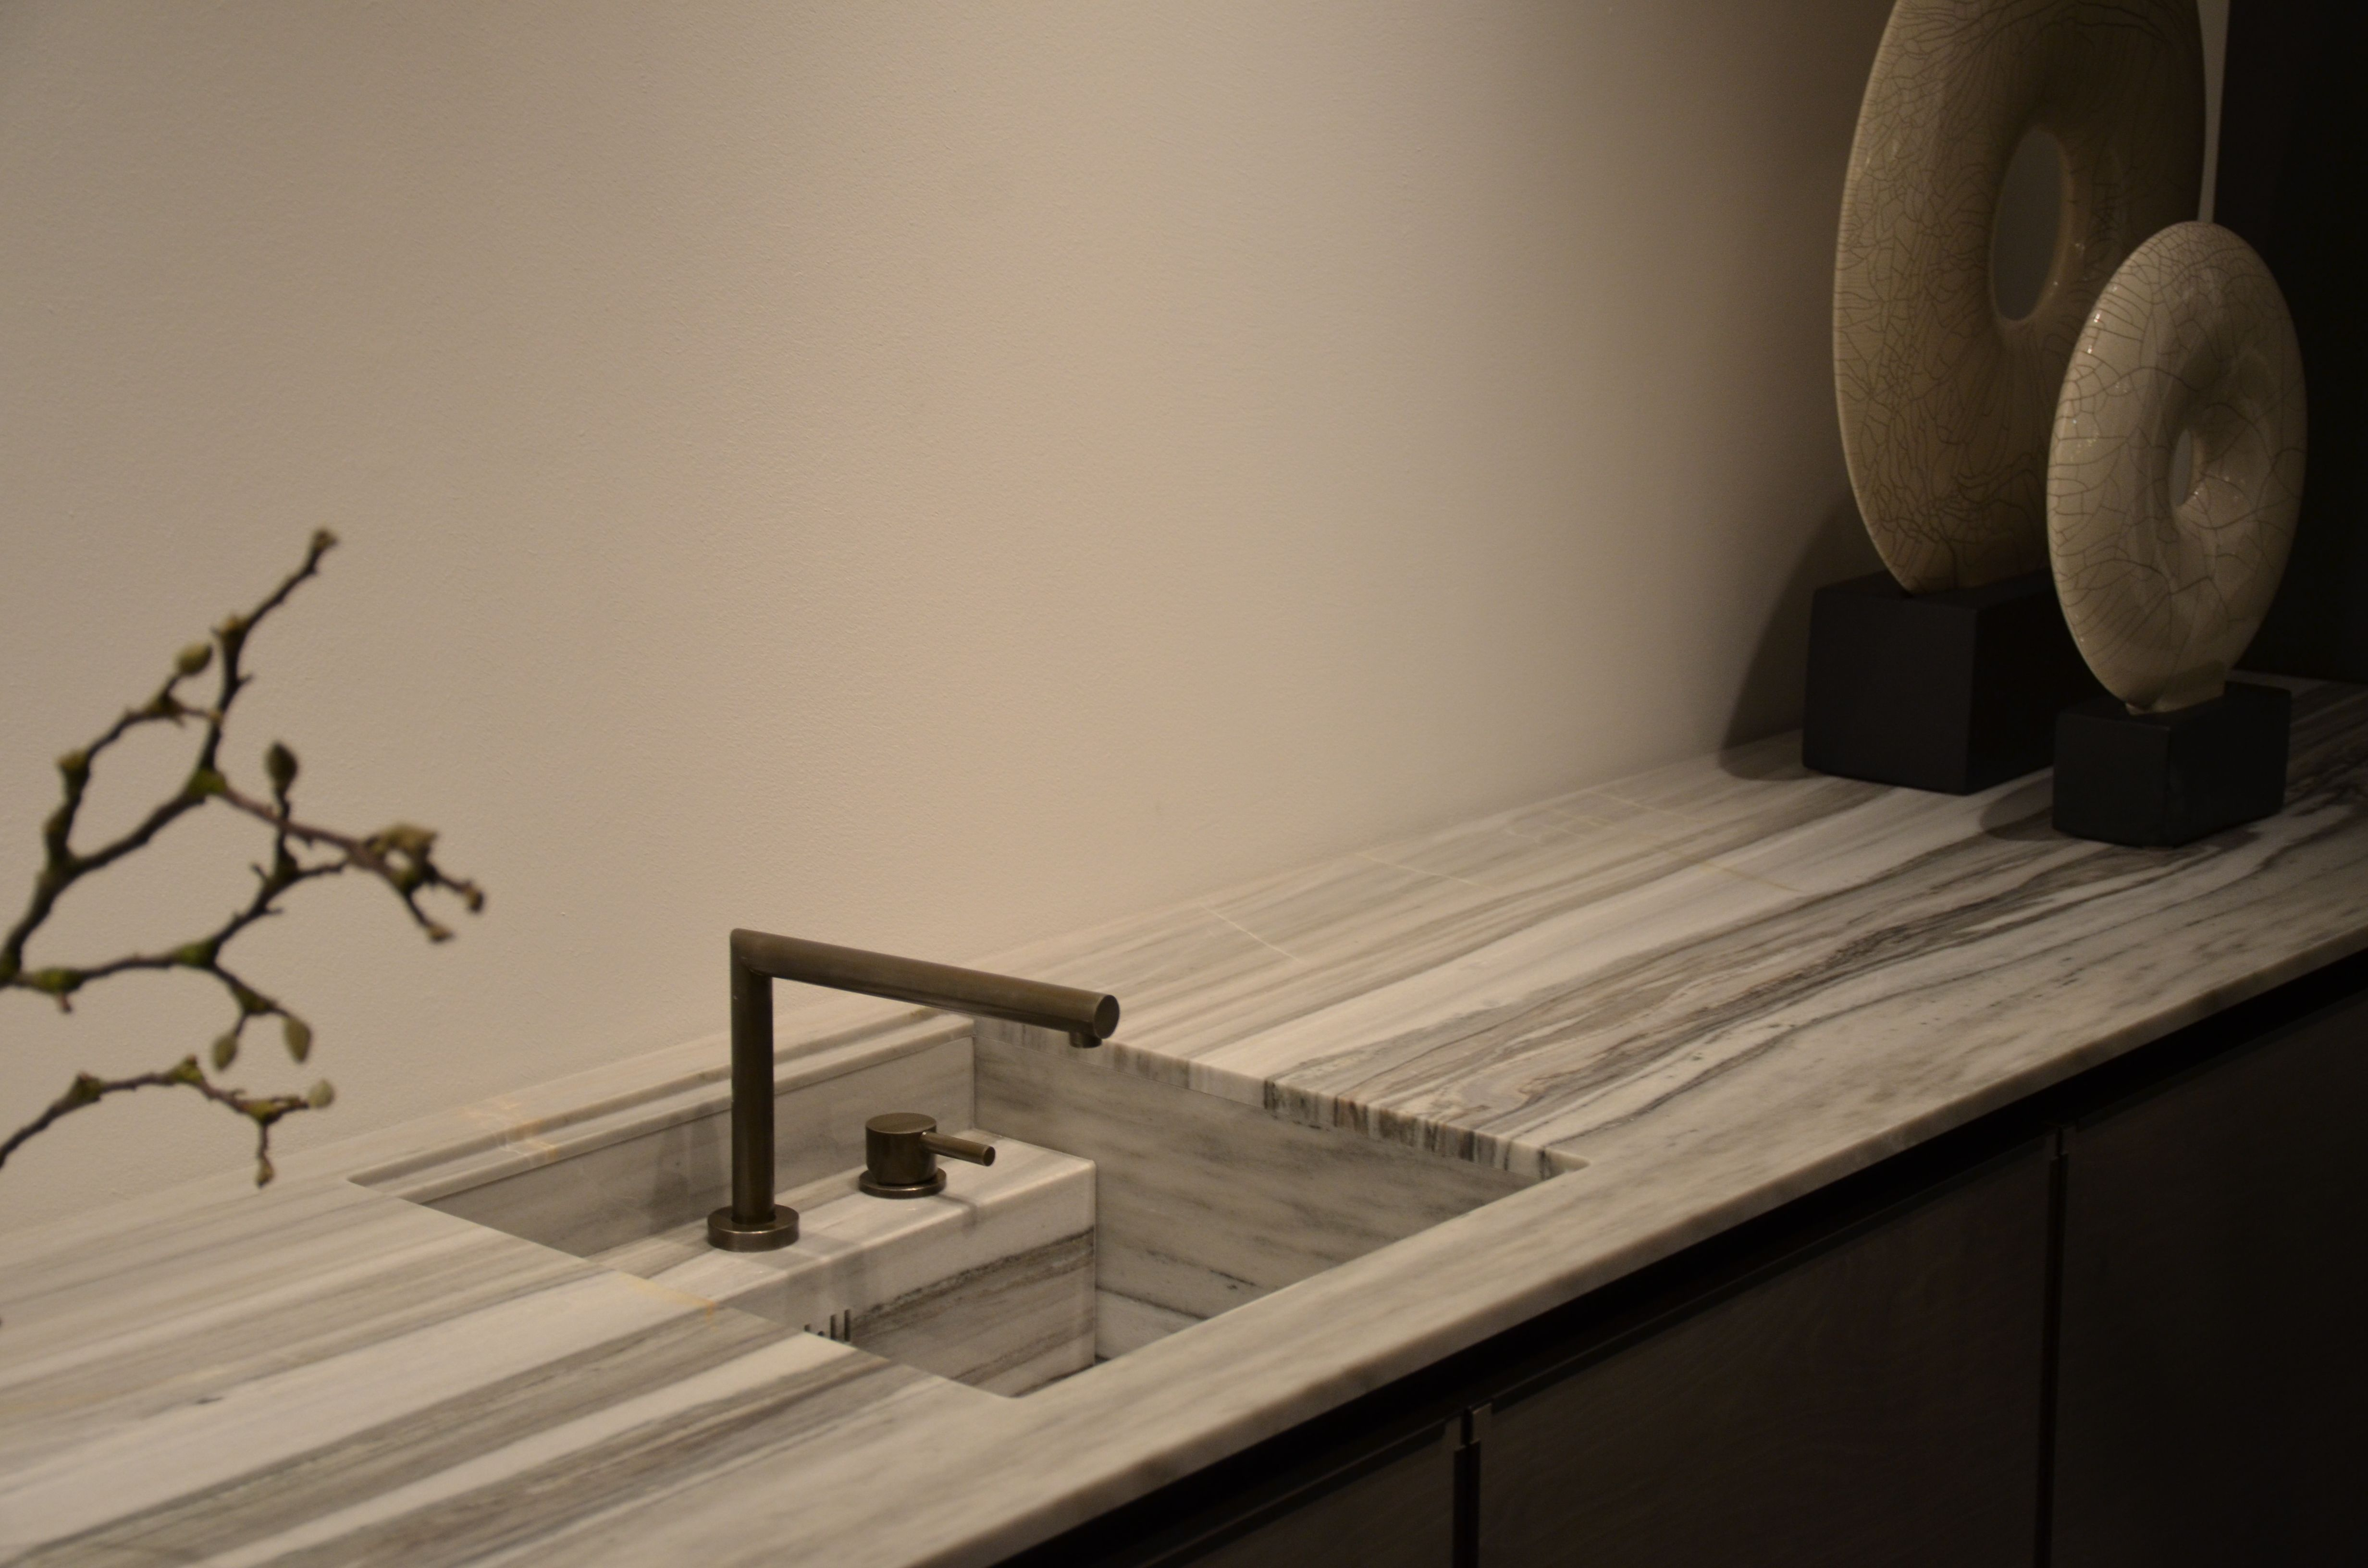 Outdoorküche Mit Spüle Xxl : Küchenarbeitsplatte und spüle aus fliesen erstellt küche